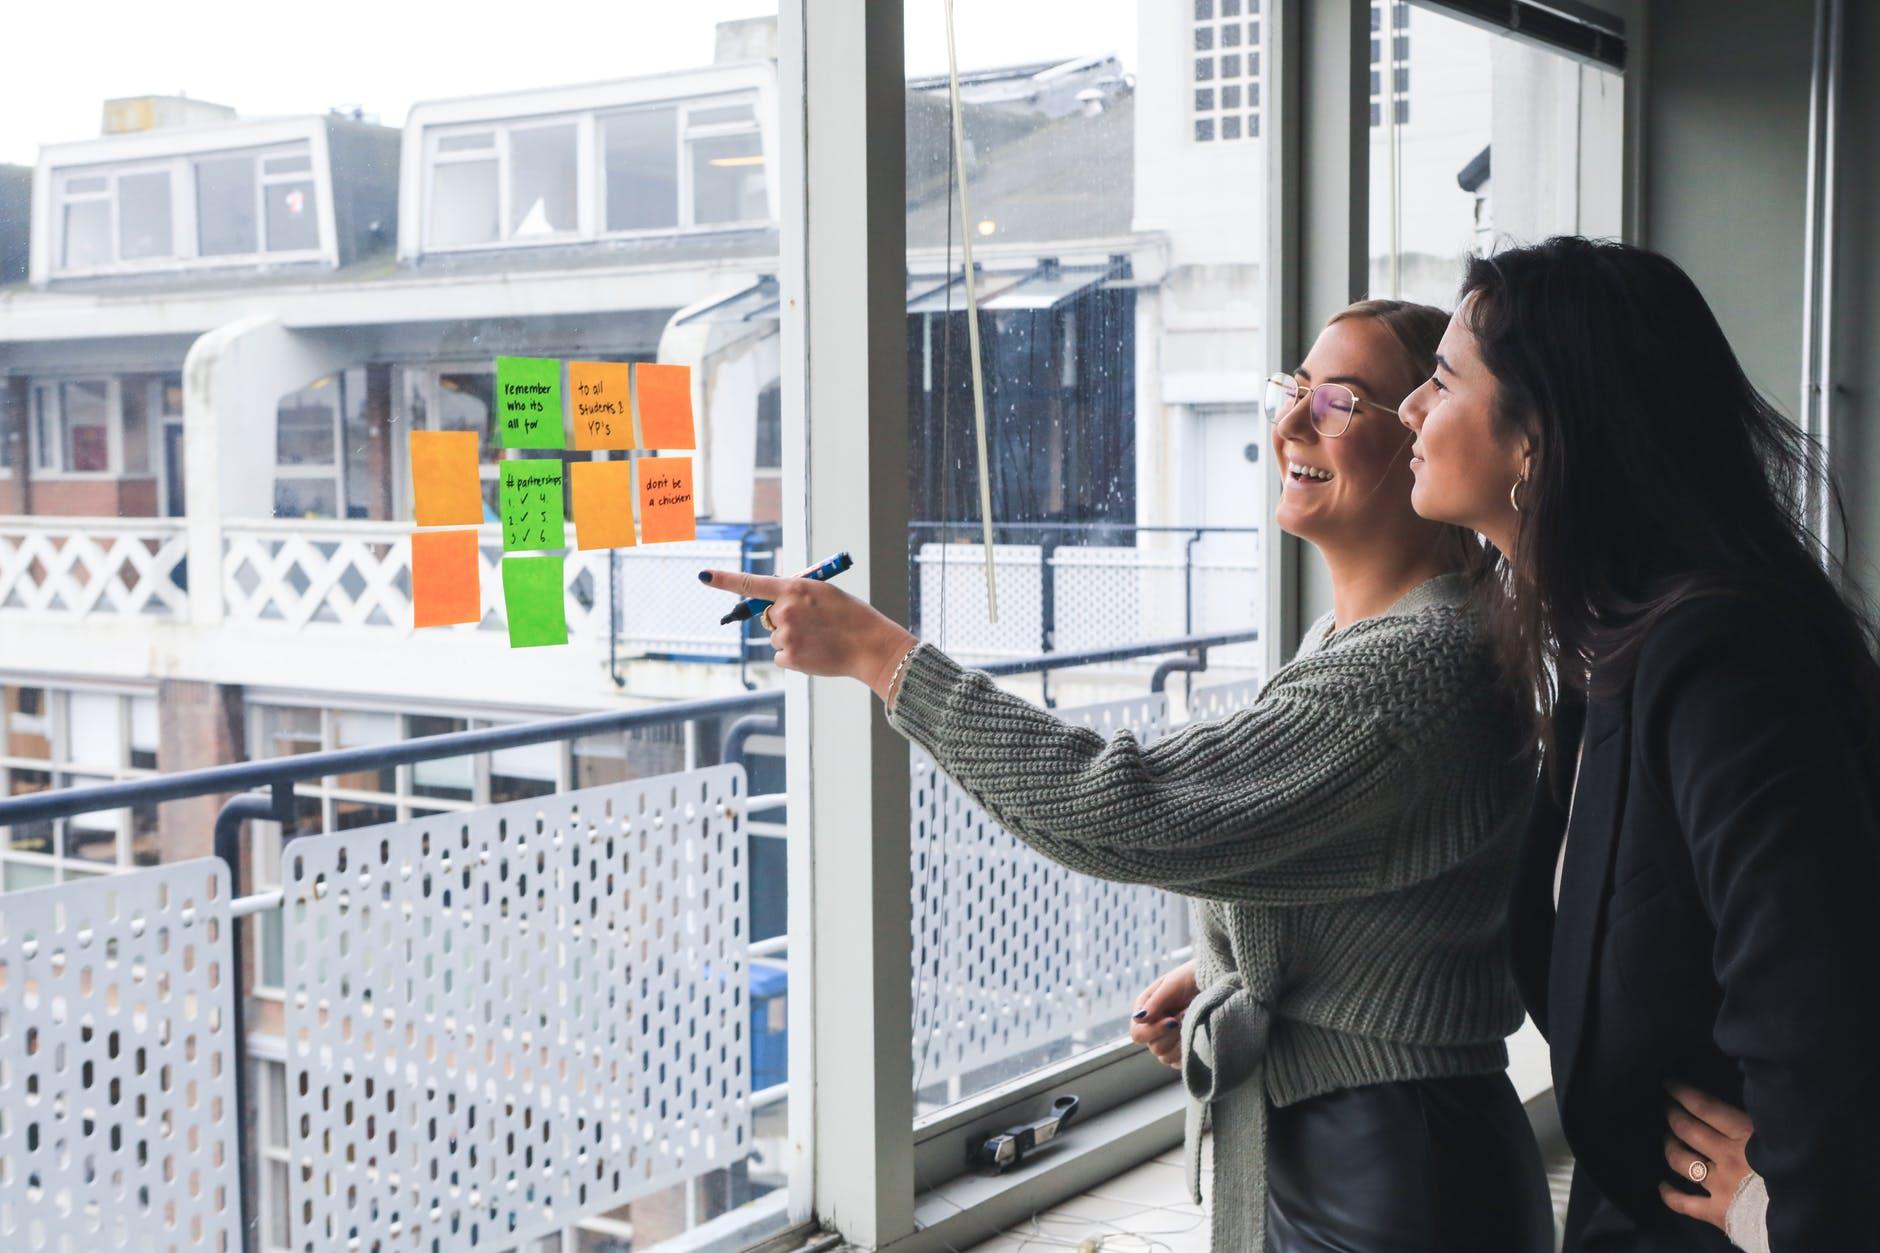 Công ty lớn thường sẽ trả lương cho interns vì họ muốn đầu tư vào nhân tài. Photo by Magnetme on Pexels.com